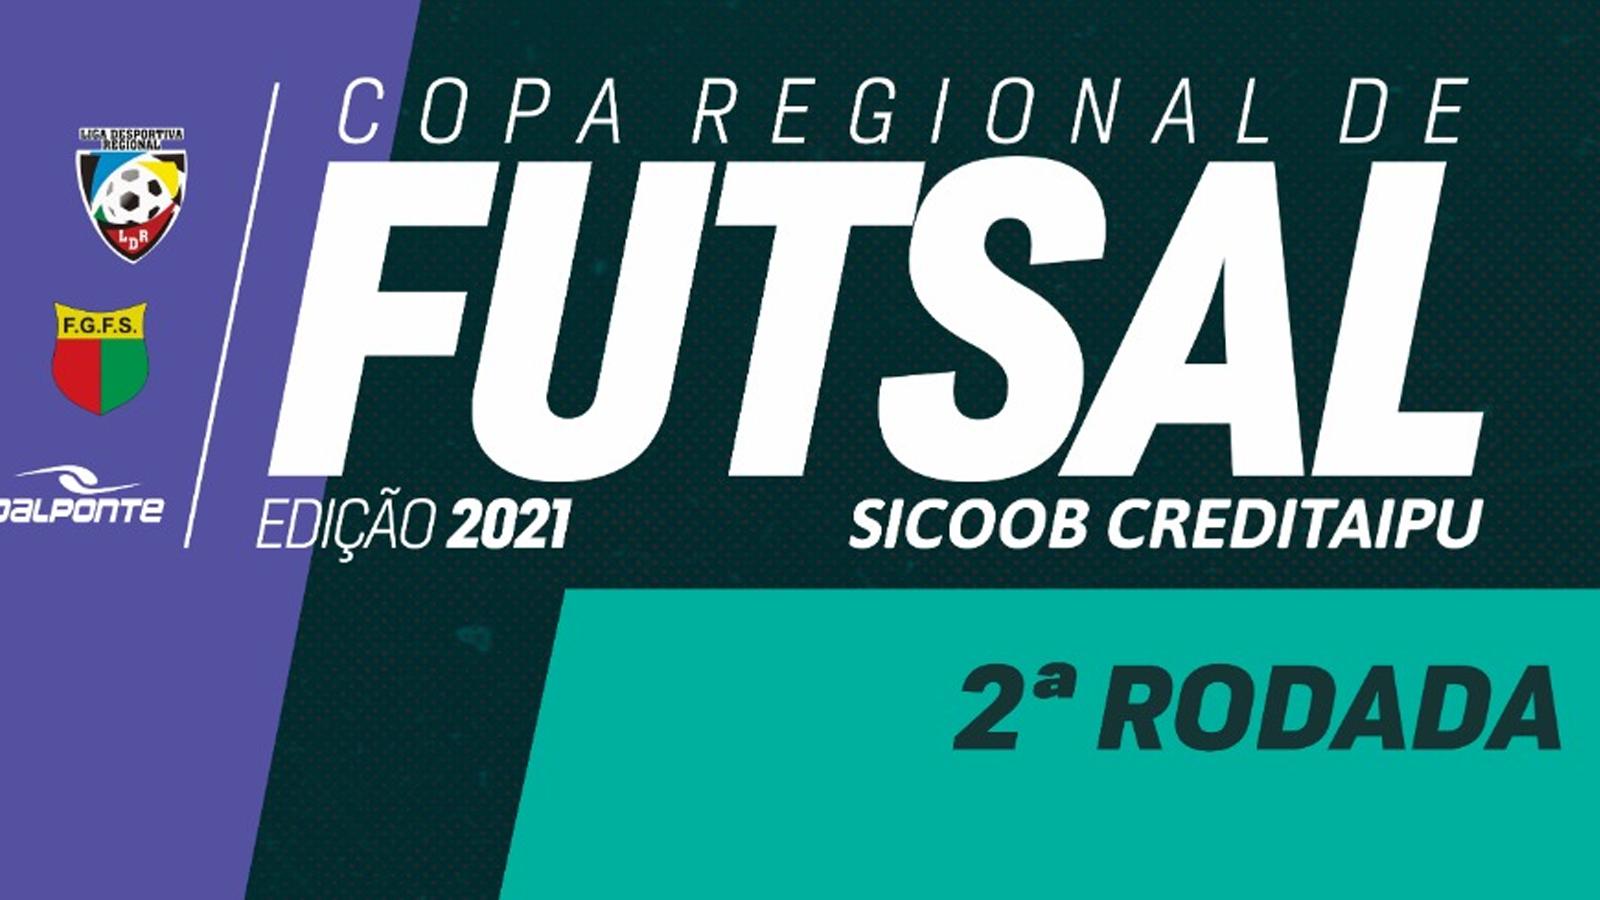 Confira resultados e classificação após a 2ª rodada da Copa Regional de Futsal